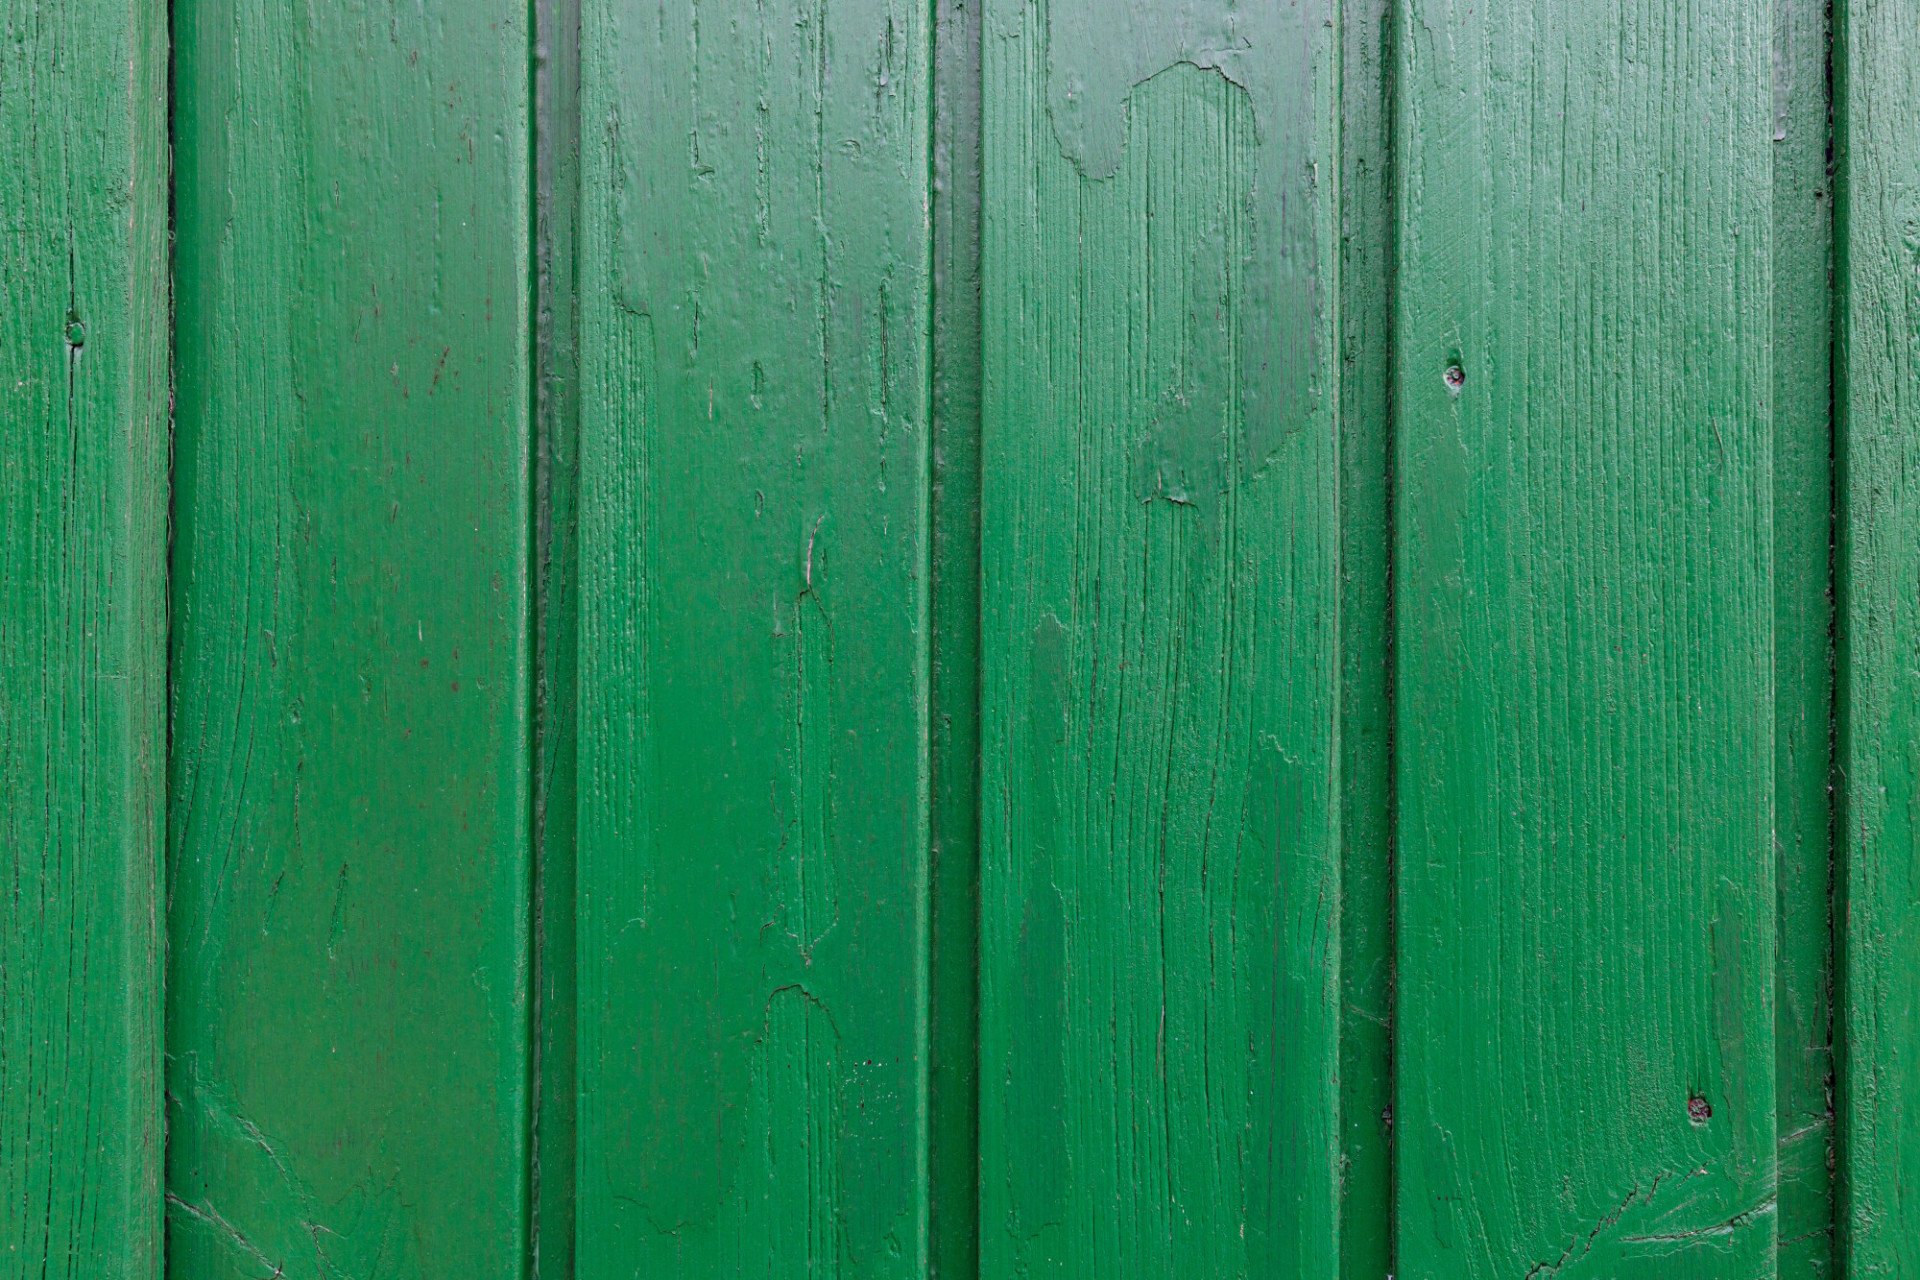 Green wooden wall texture